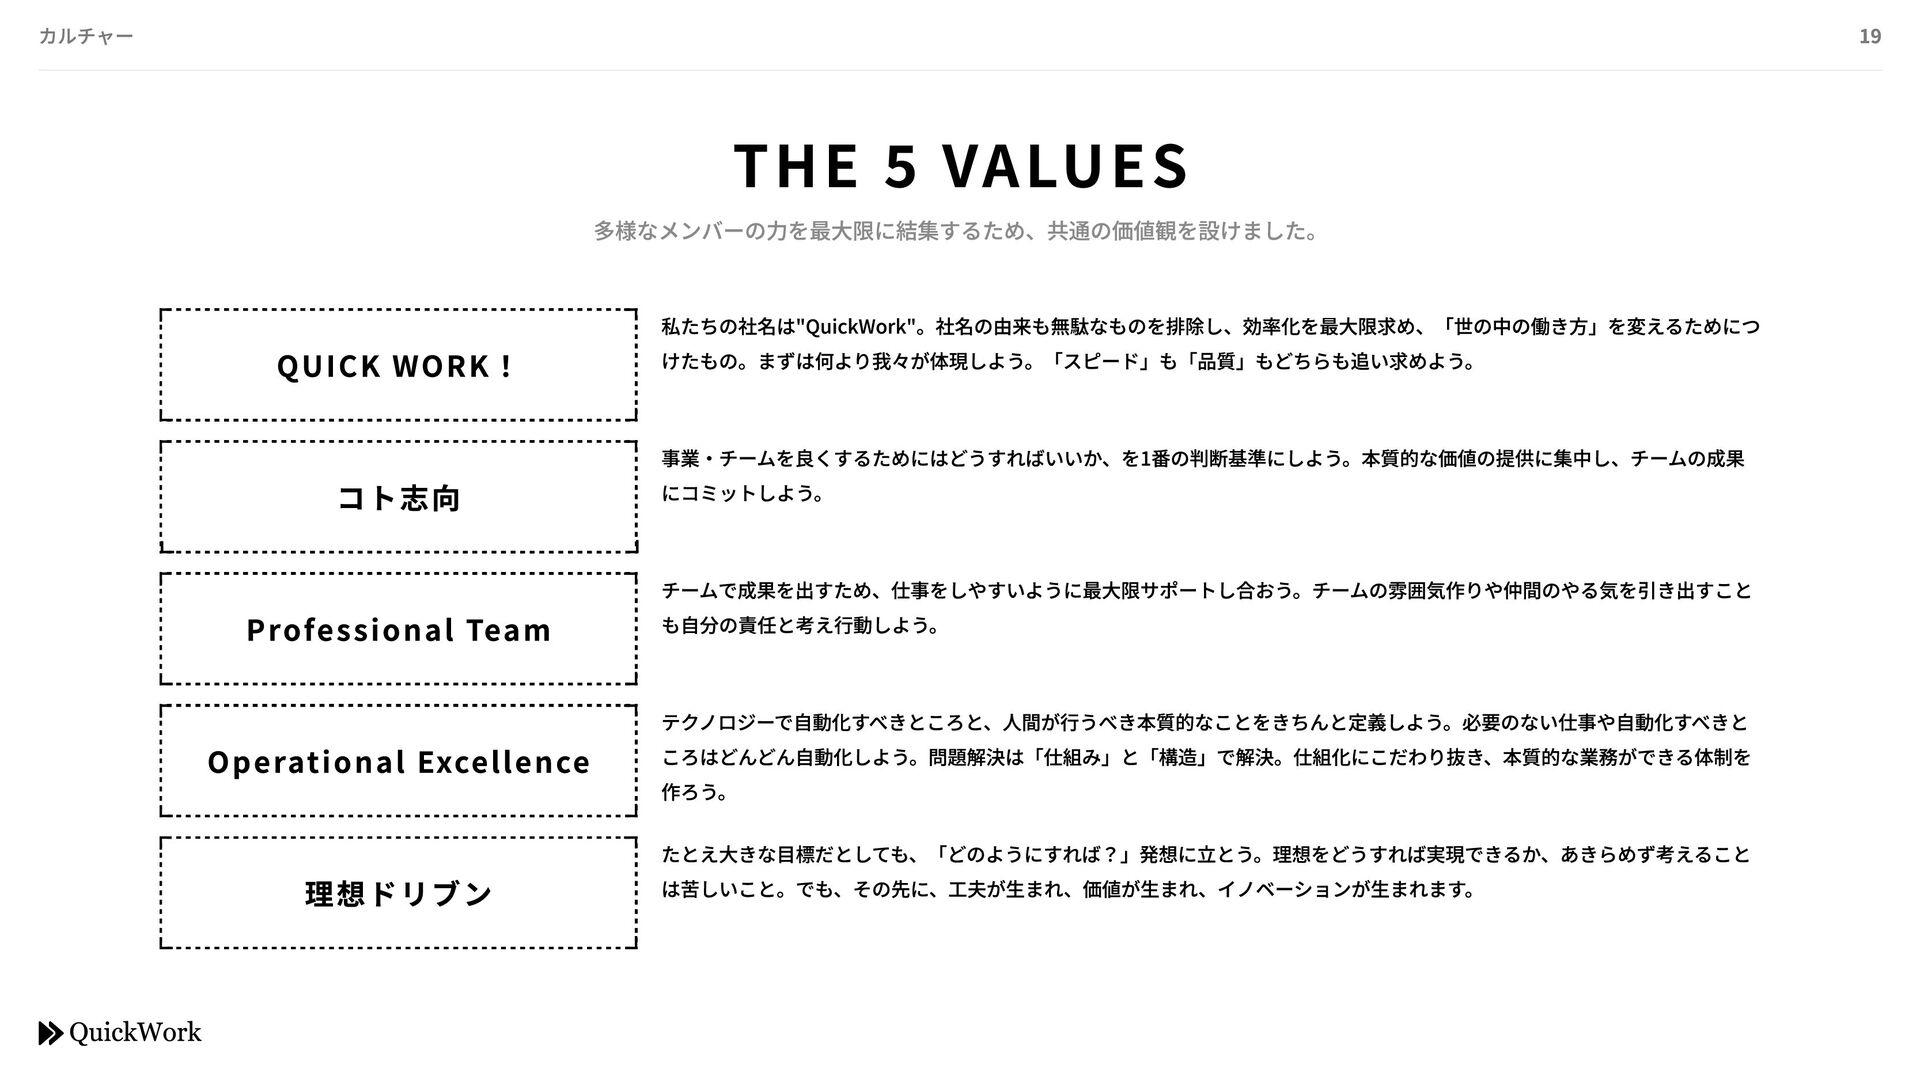 費⽤ 3万円 (初期費⽤なし) 20万円 (初期費⽤なし) プロダクトにおける競合優位性 Qu...